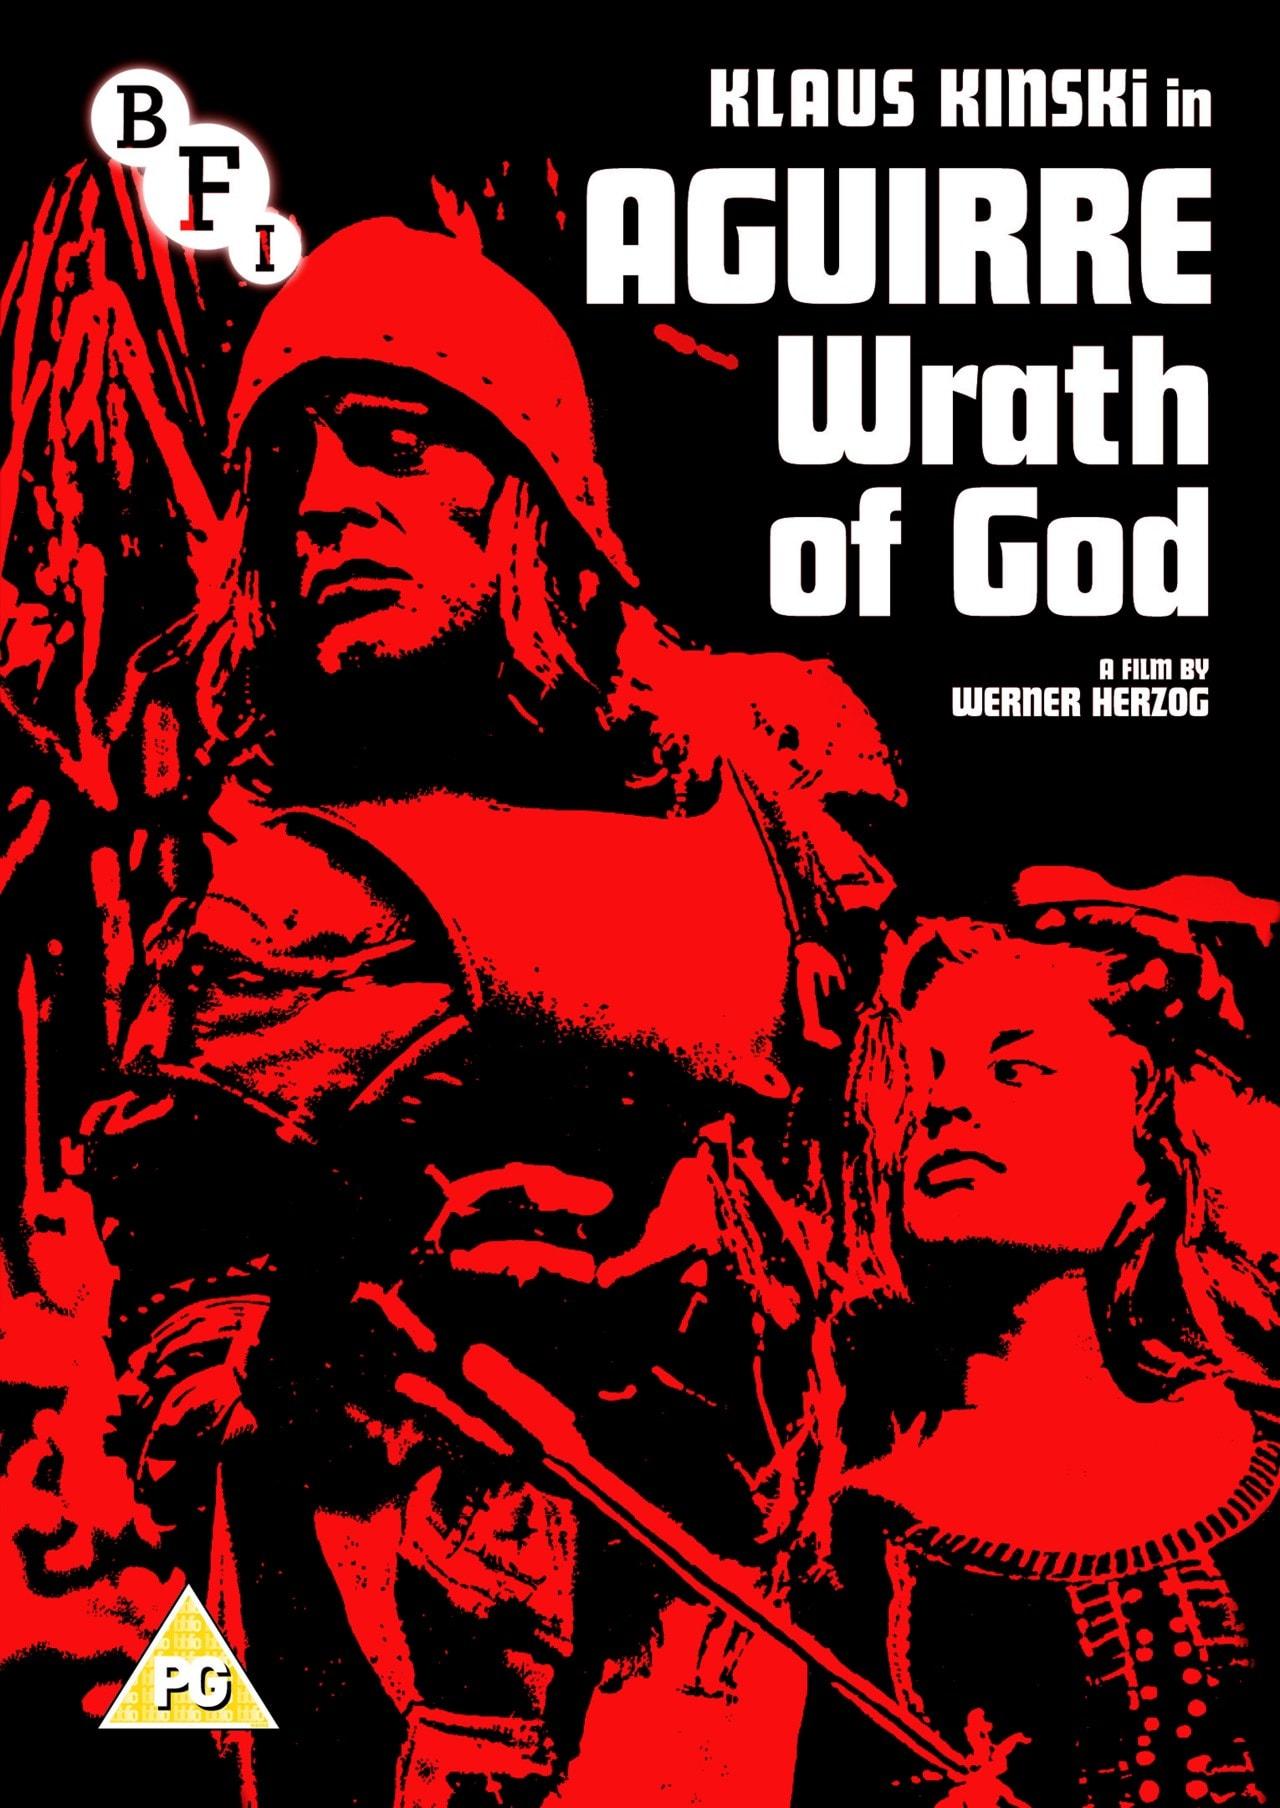 Aguirre, Wrath of God - 1